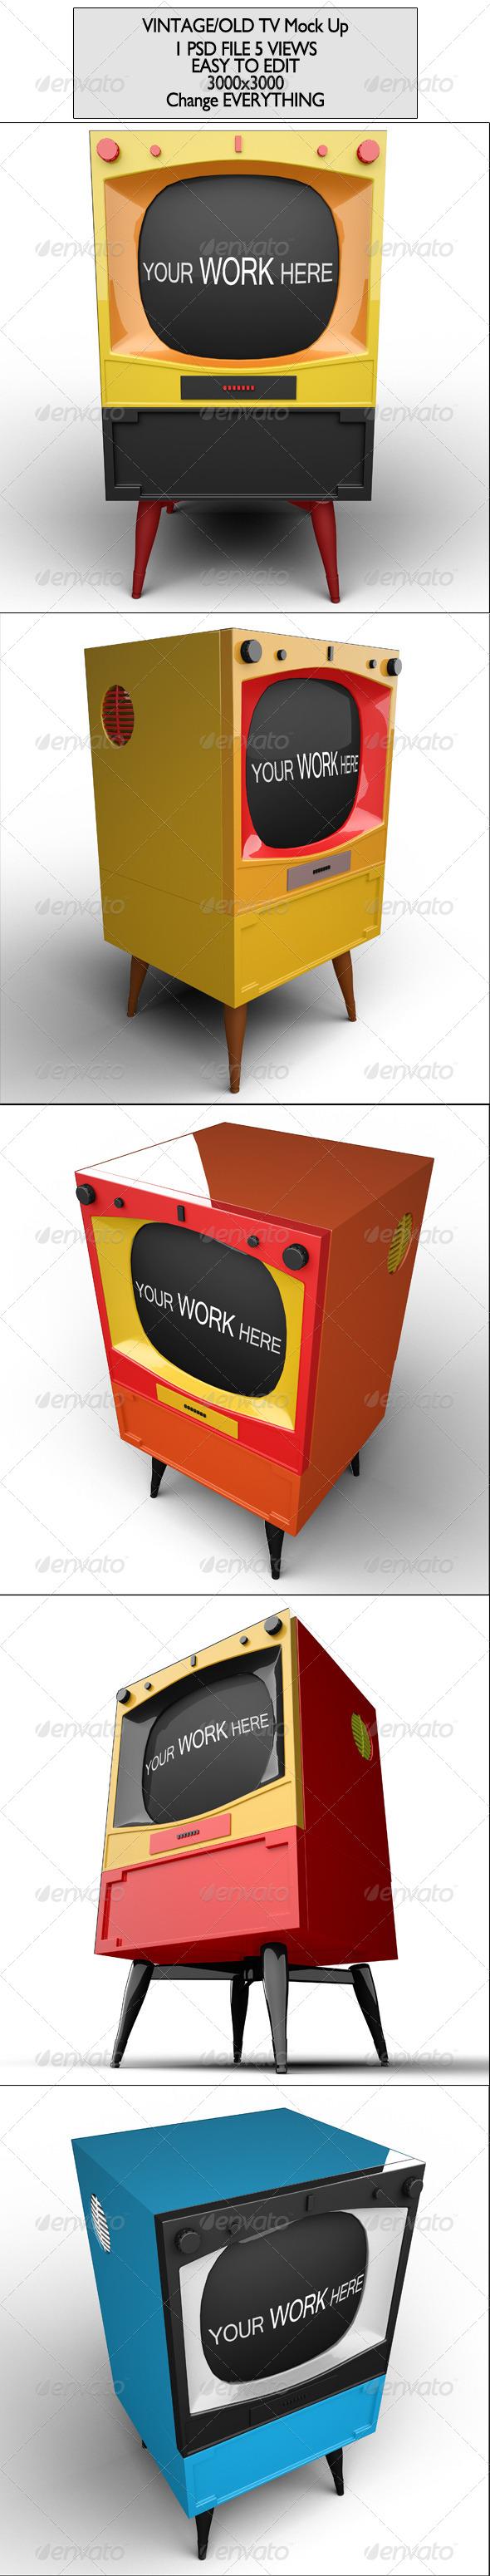 GraphicRiver Vintage Tv set Mock Up 7568802